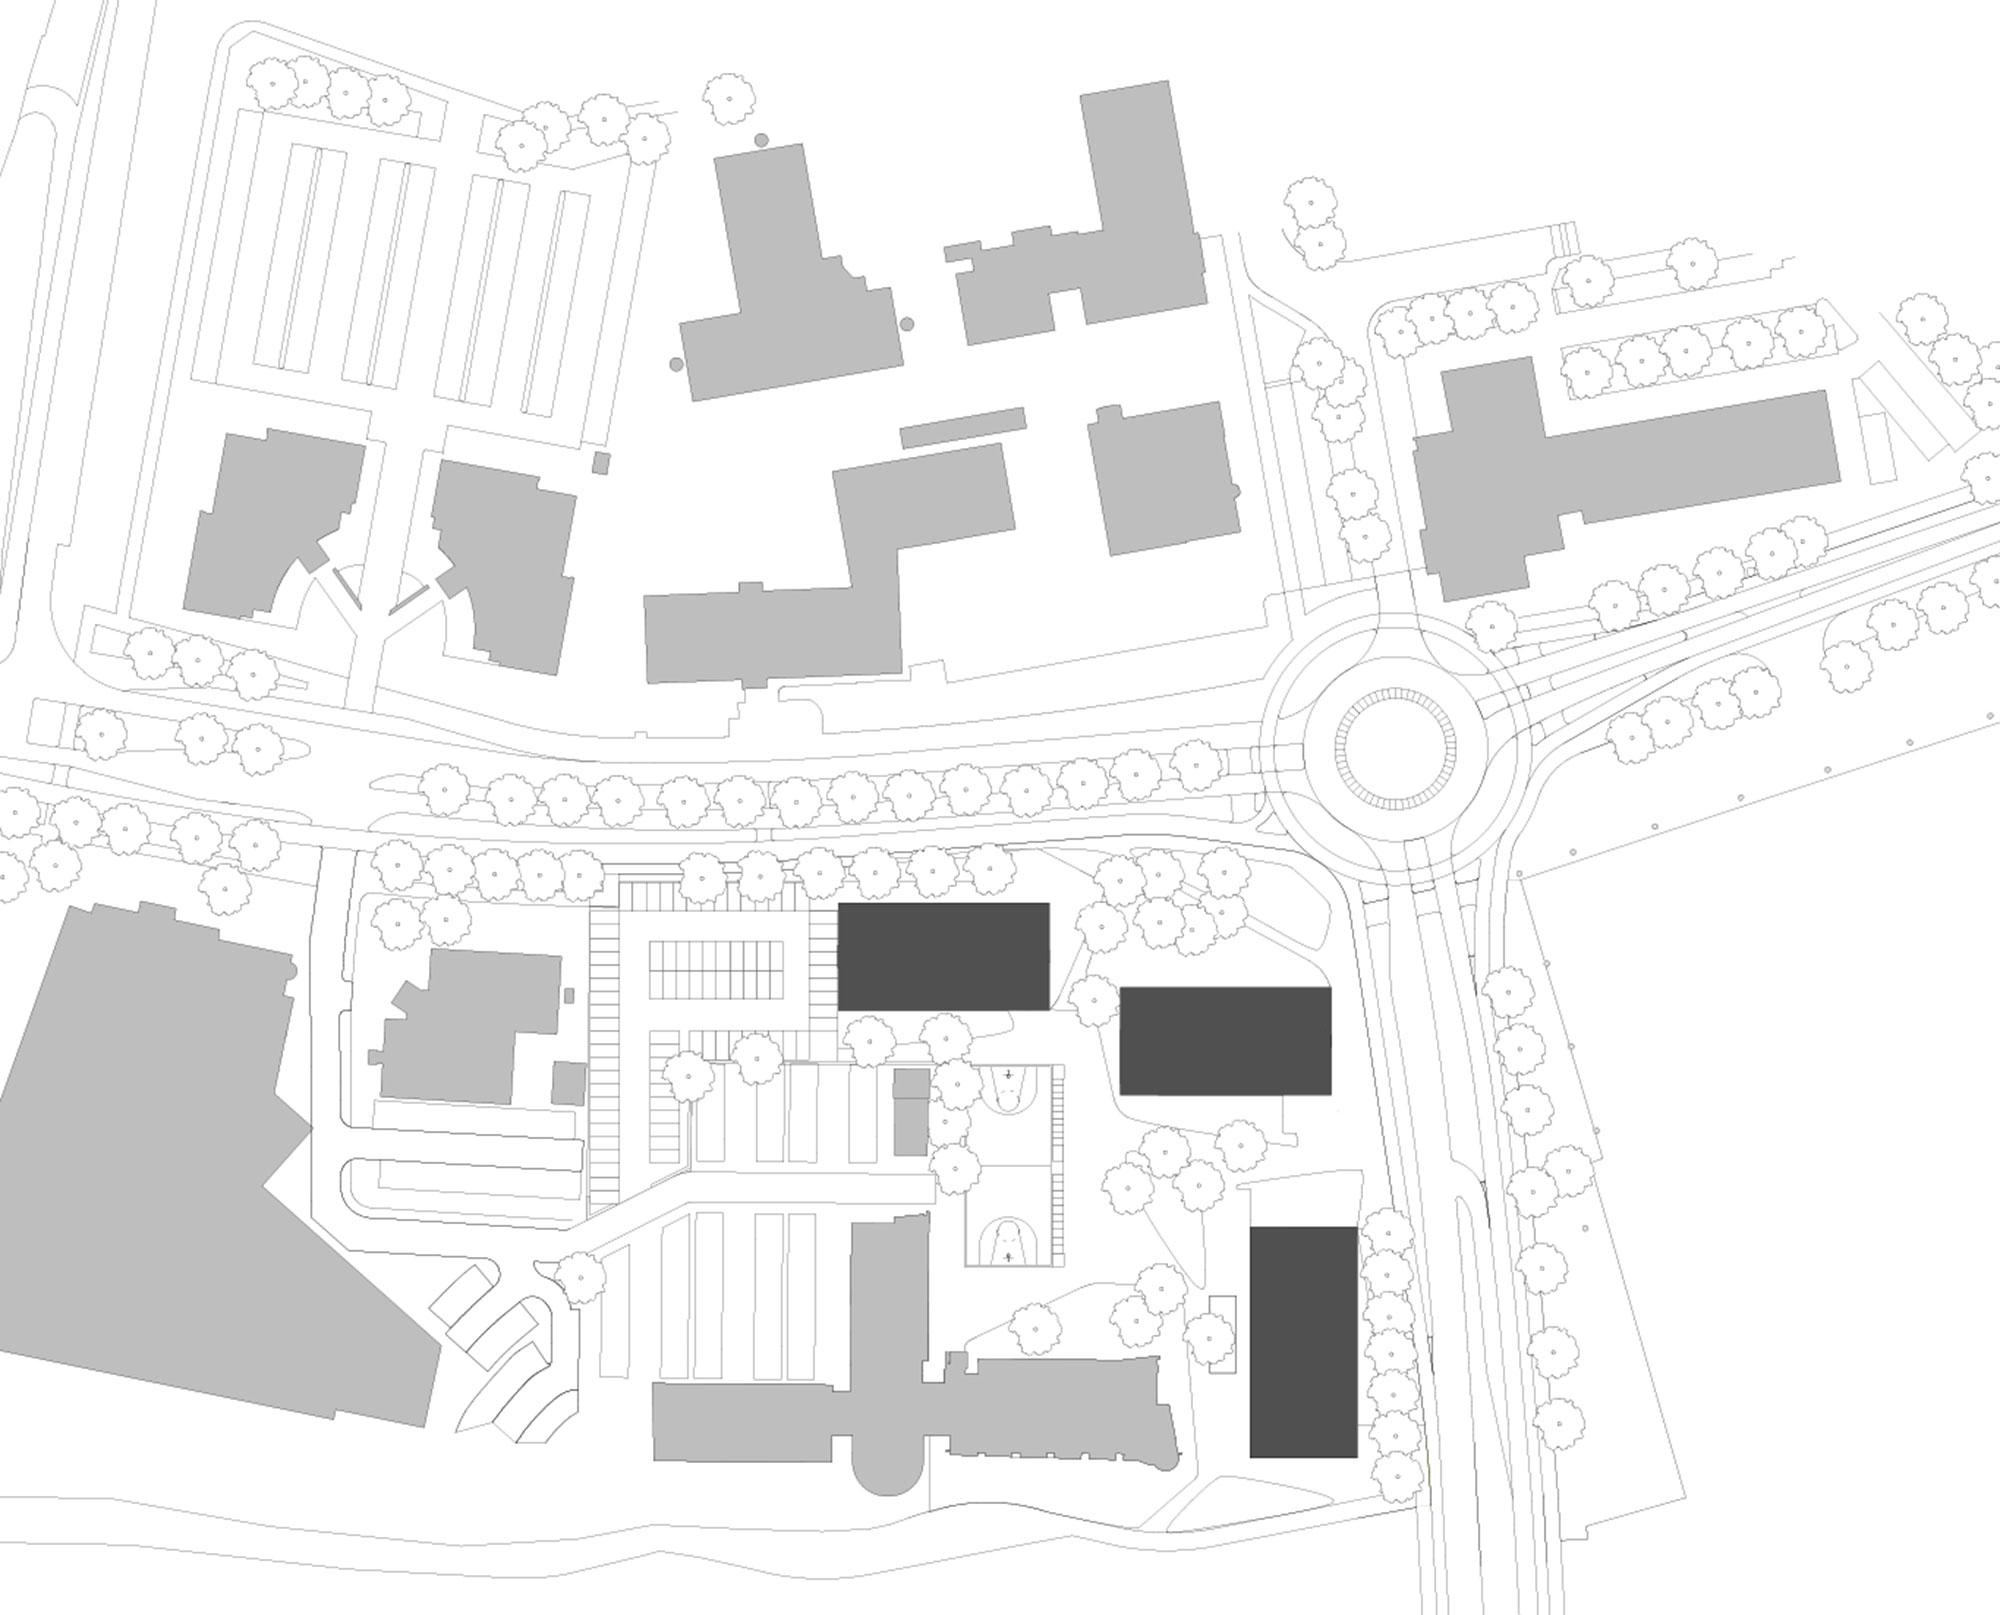 Studentenhuisvestiging, Zwolle 2